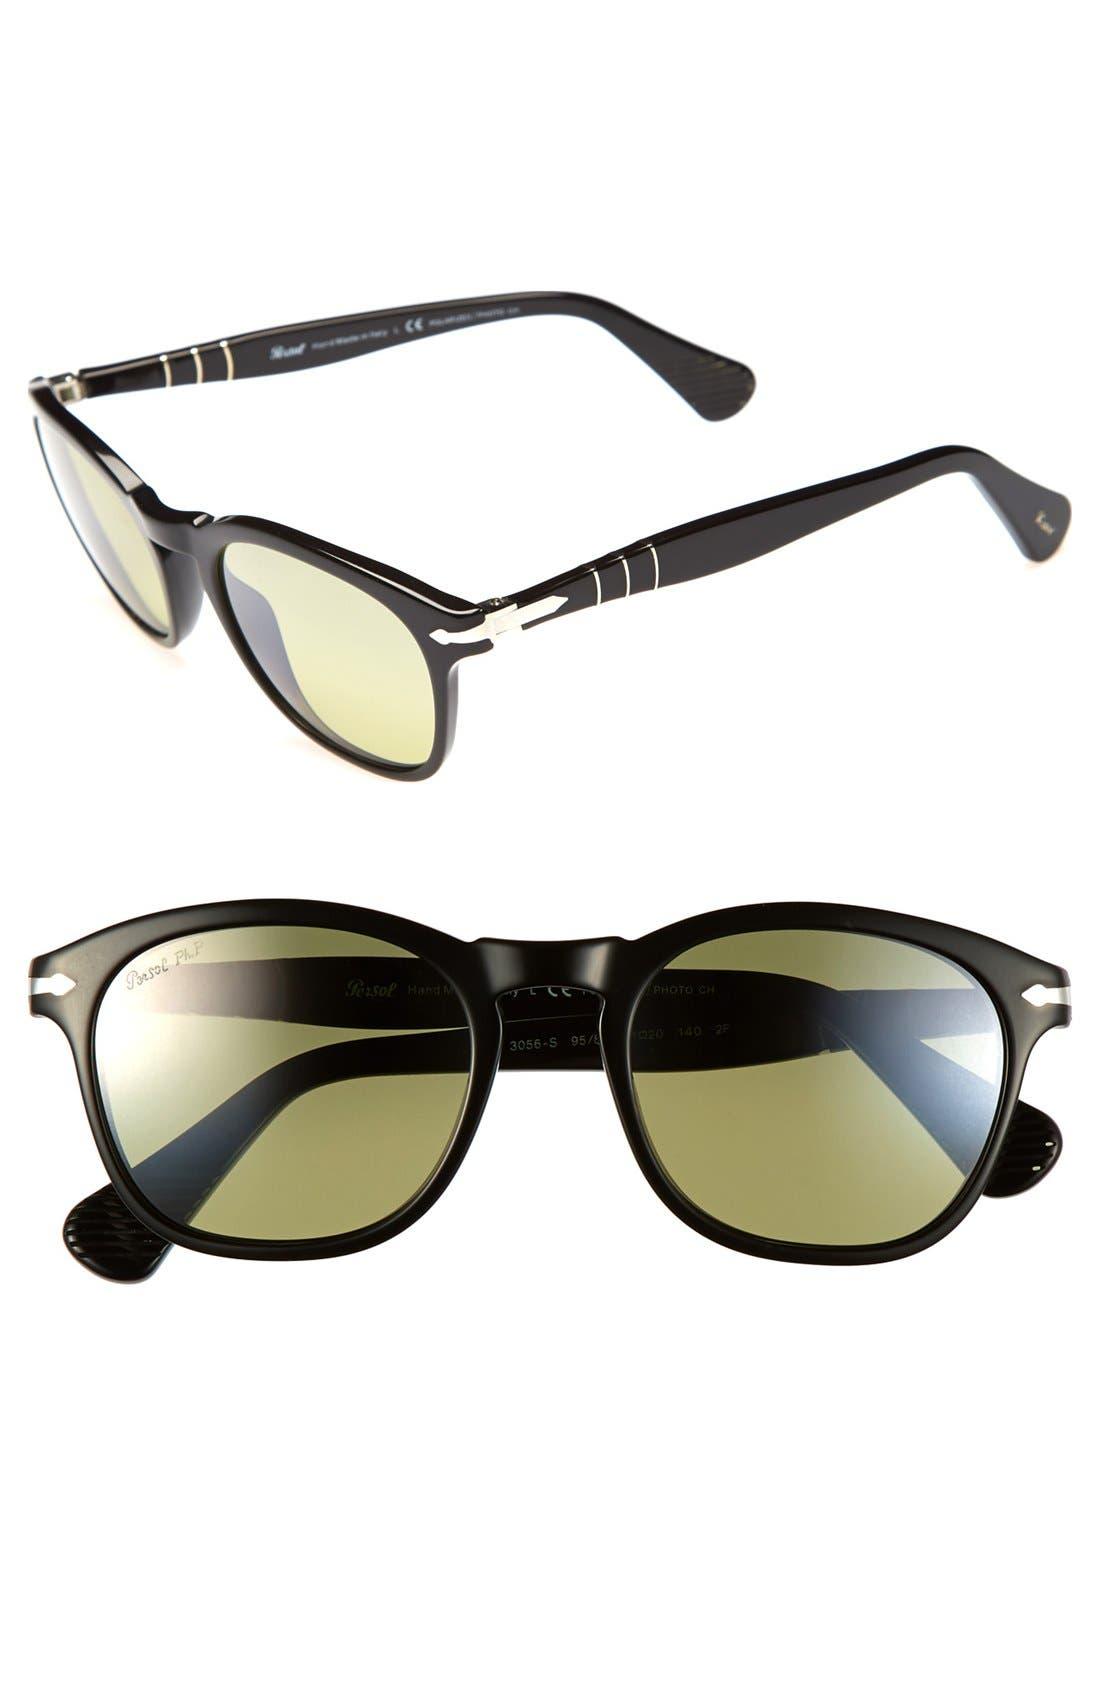 Main Image - Persol 51mm Retro Polarized Sunglasses